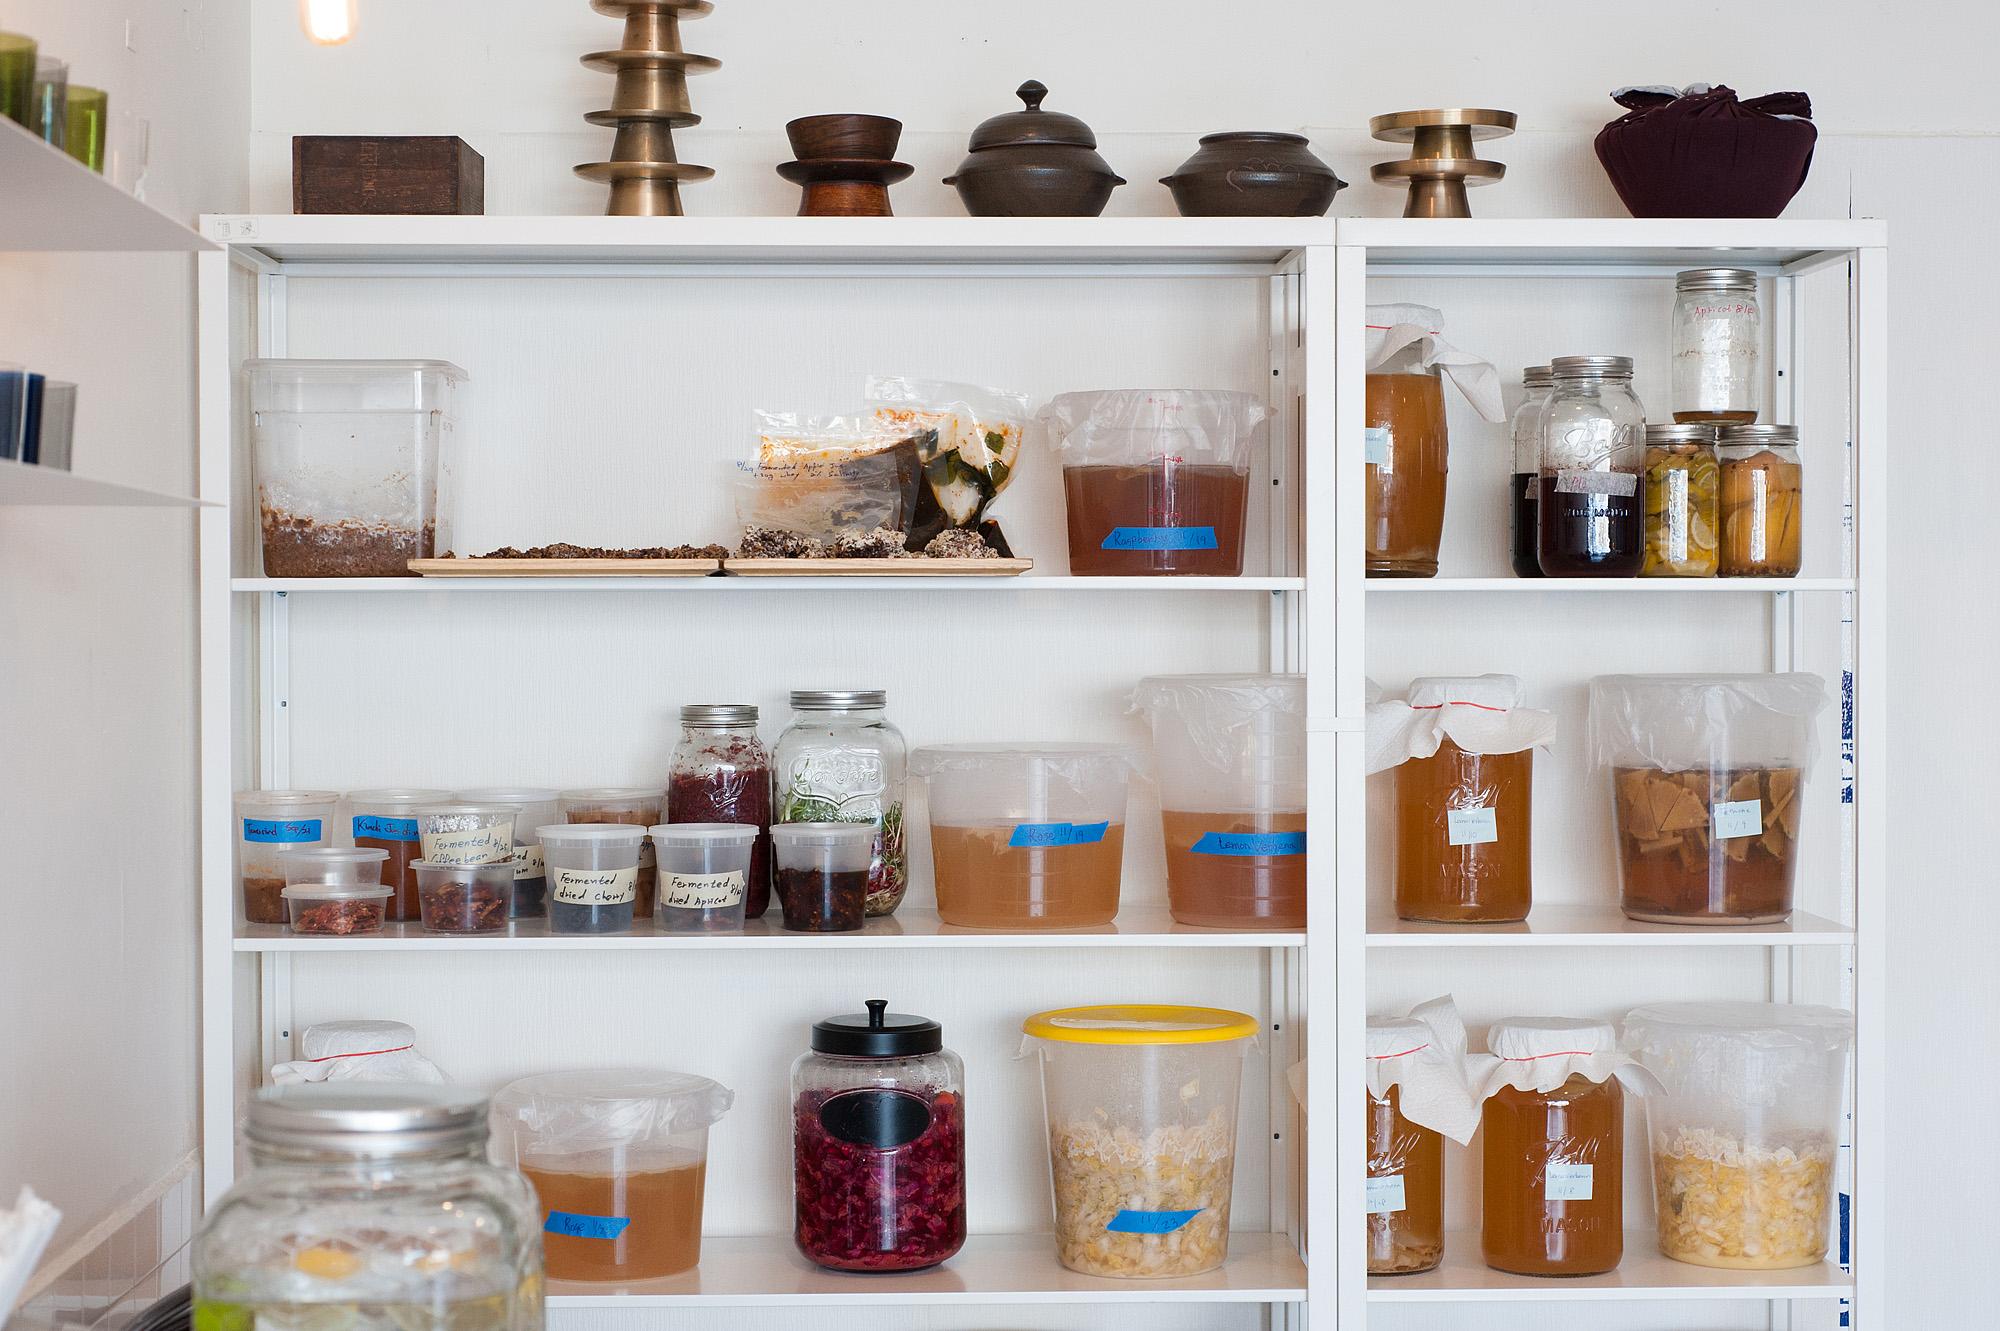 Baroo's fermentation shelves